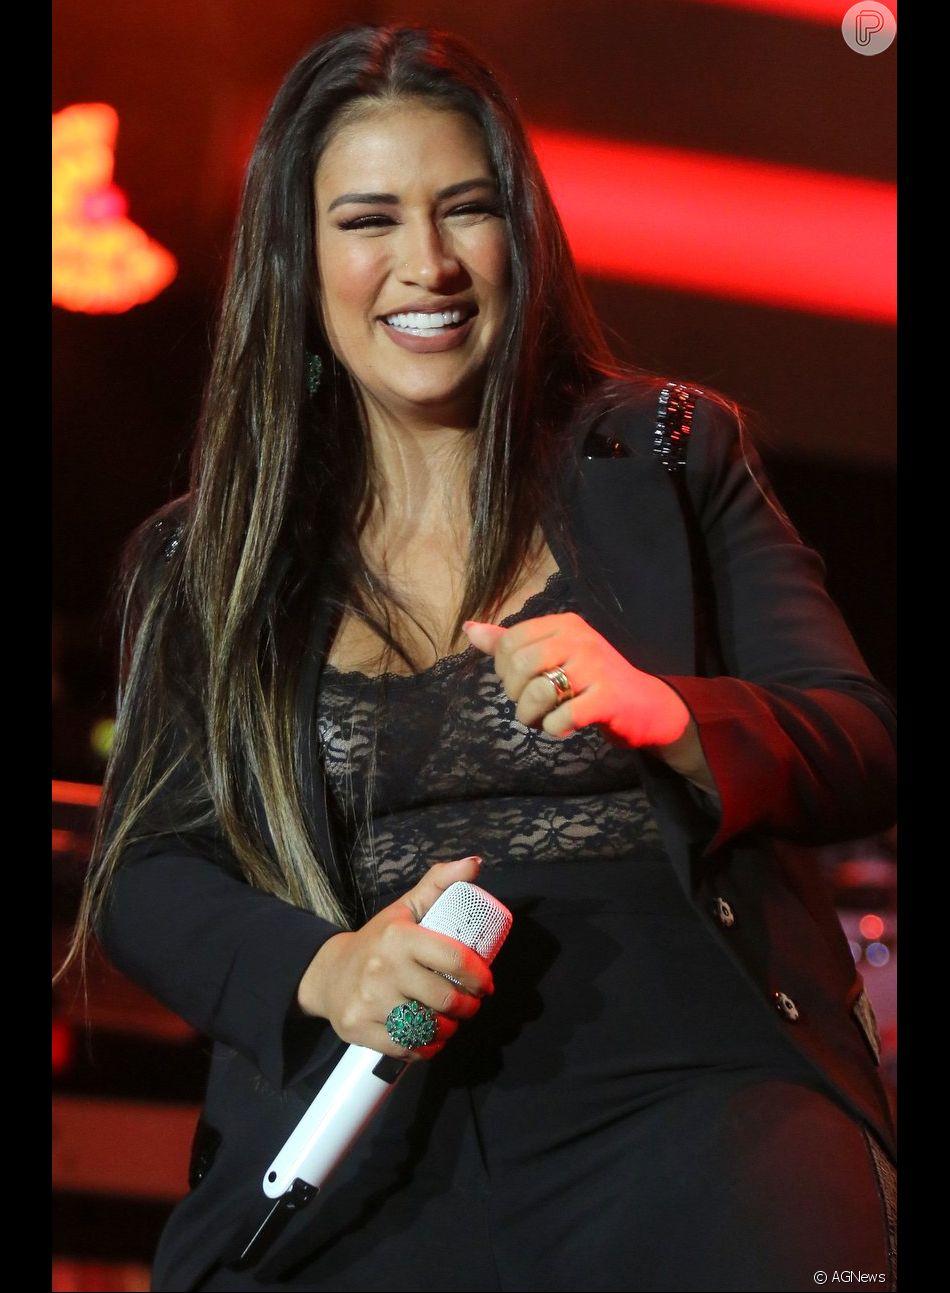 Simone comentou ausência da irmã, Simaria, em shows na noite desta sexta-feira, 1 de junho de 2018